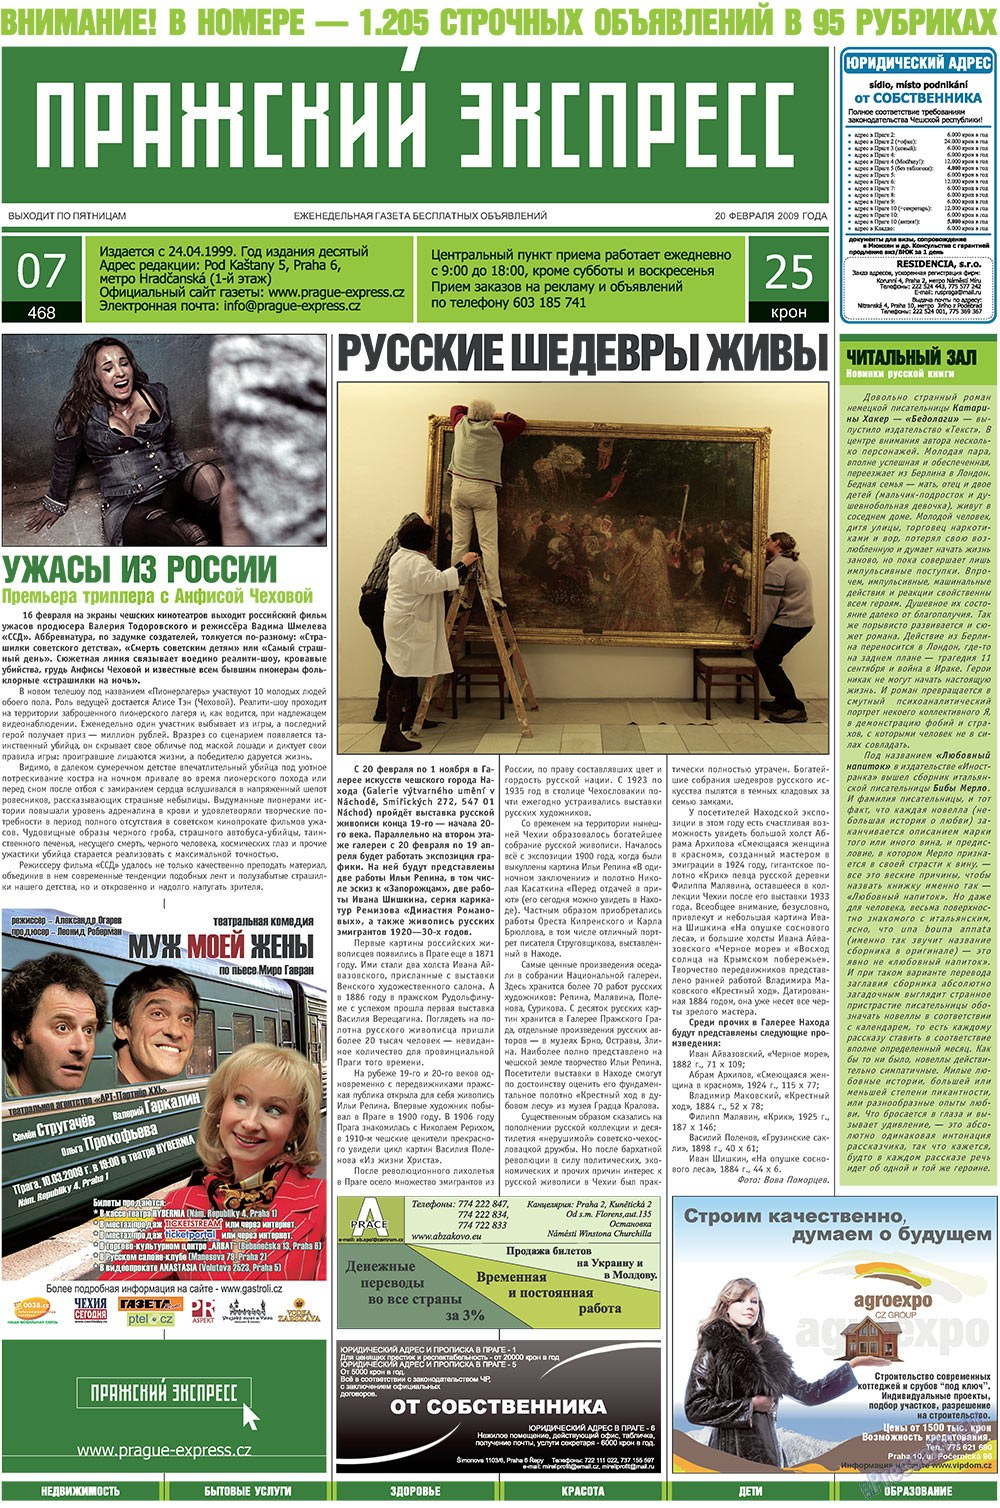 Пражский экспресс (газета). 2009 год, номер 7, стр. 1